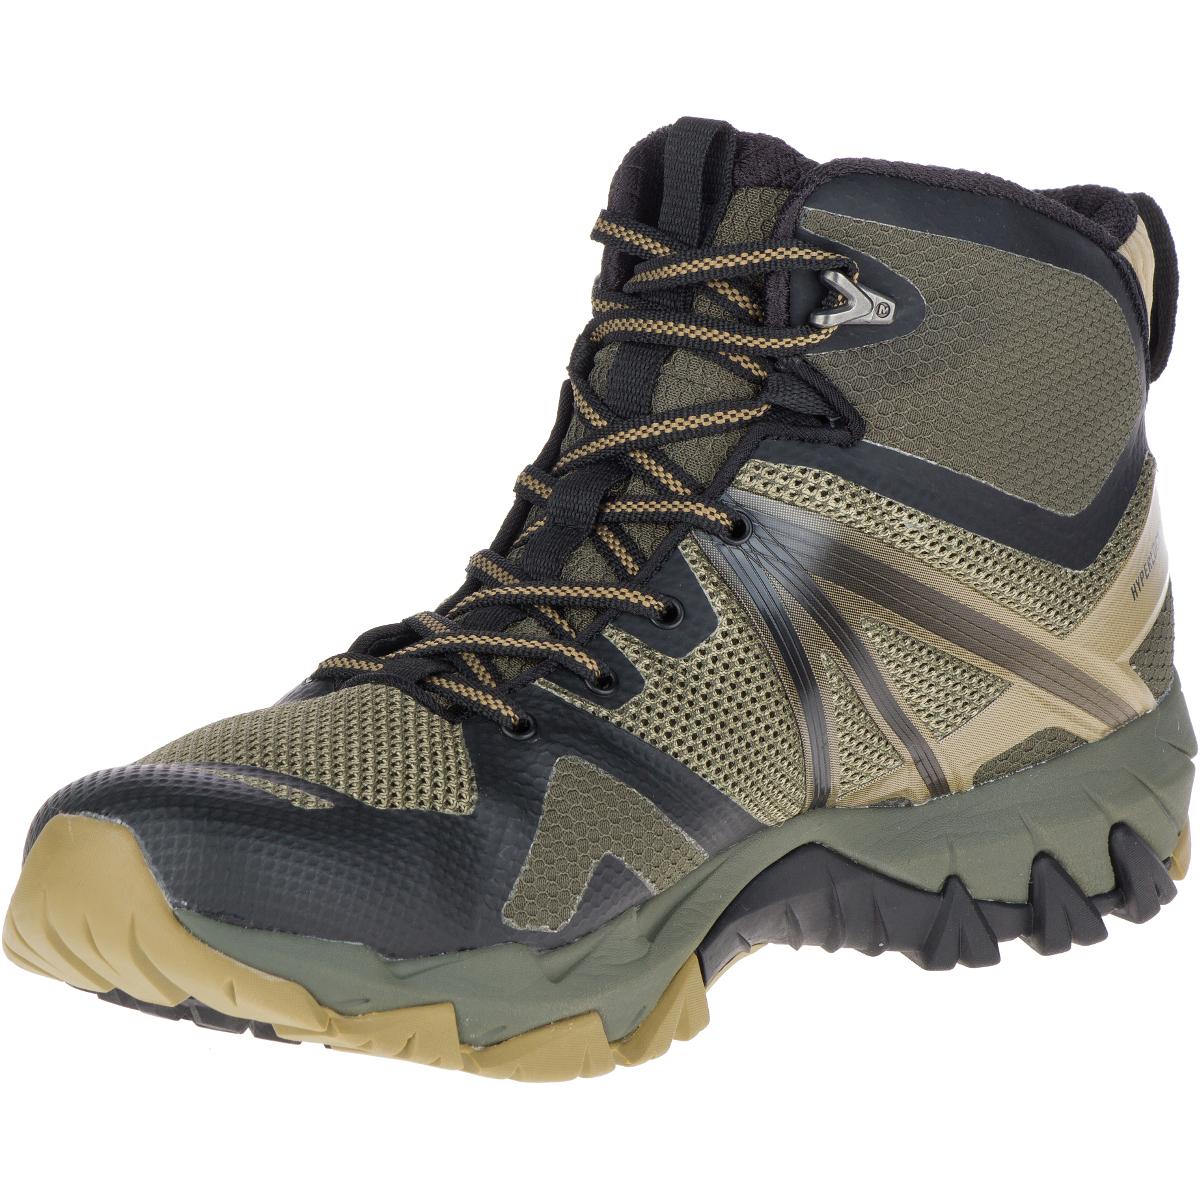 MQM Flex Mid Waterproof Hiking Boots